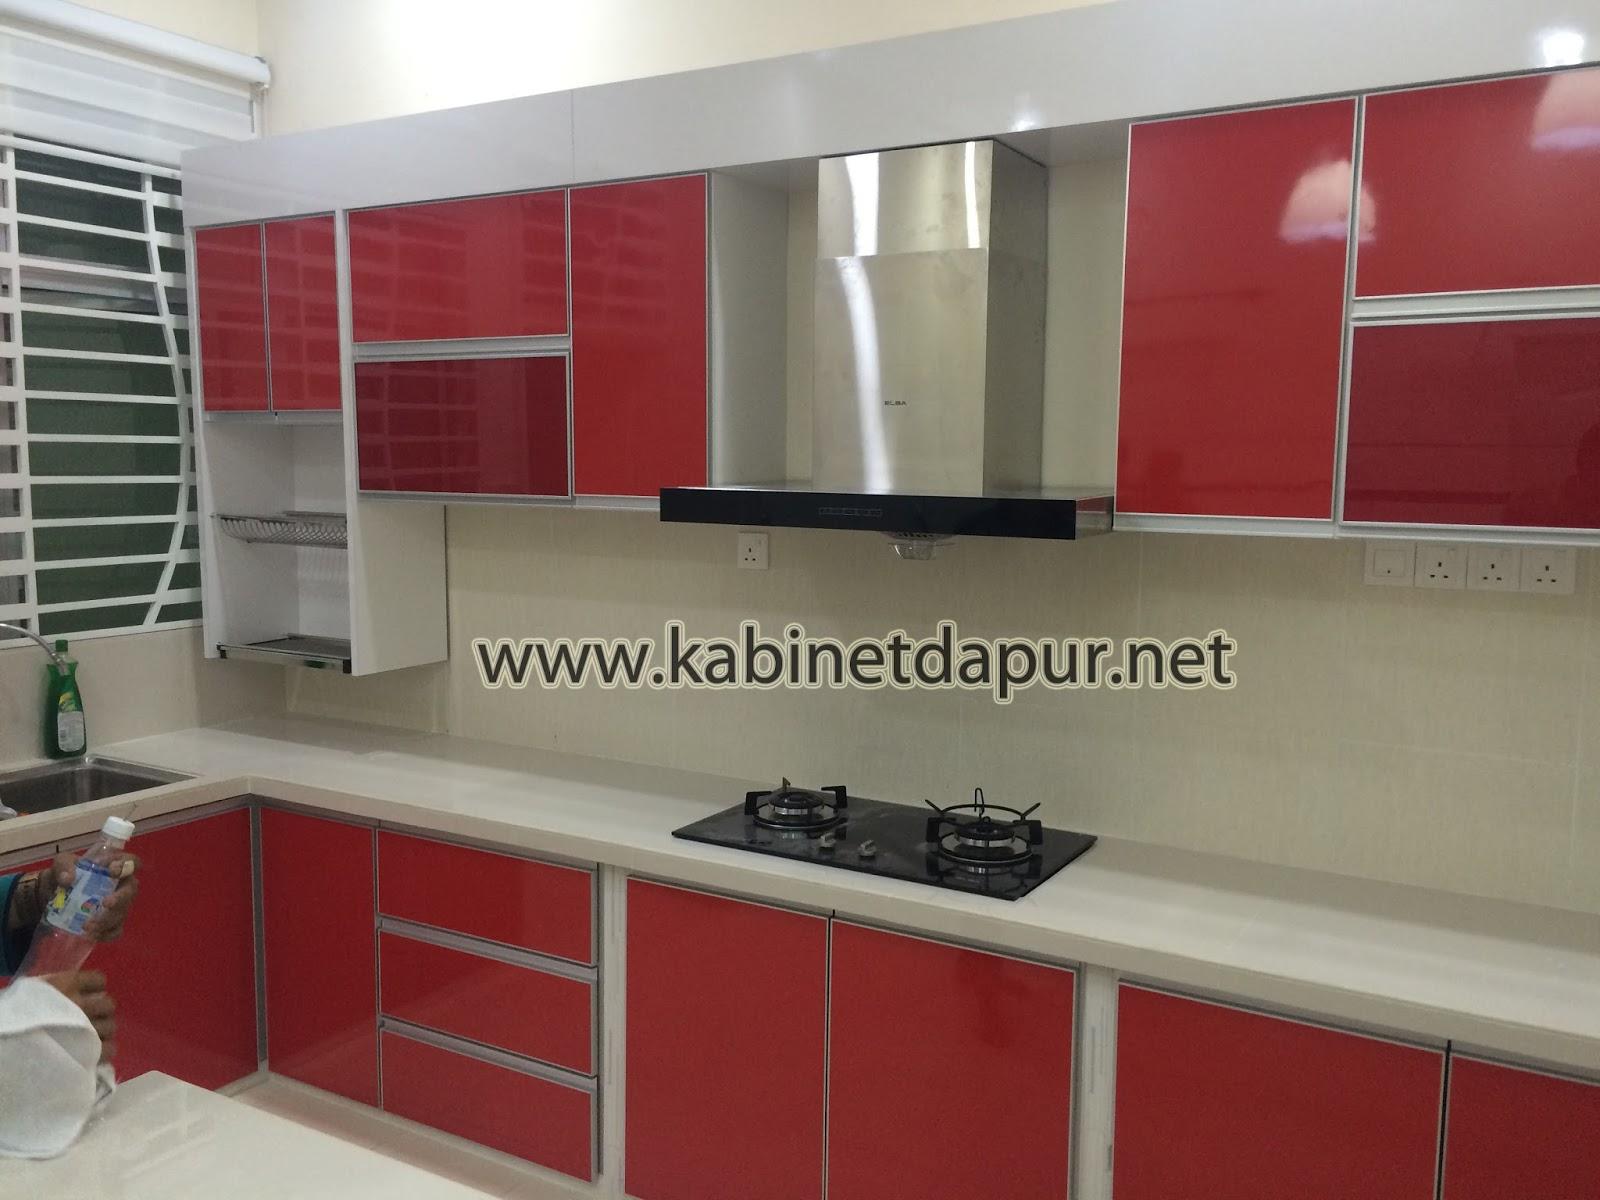 Projek Kabinet Dapur Di Taman Jelutong Changloon Kedah Tel 0124934710 En Amir Pengurus Besar Alor Setar